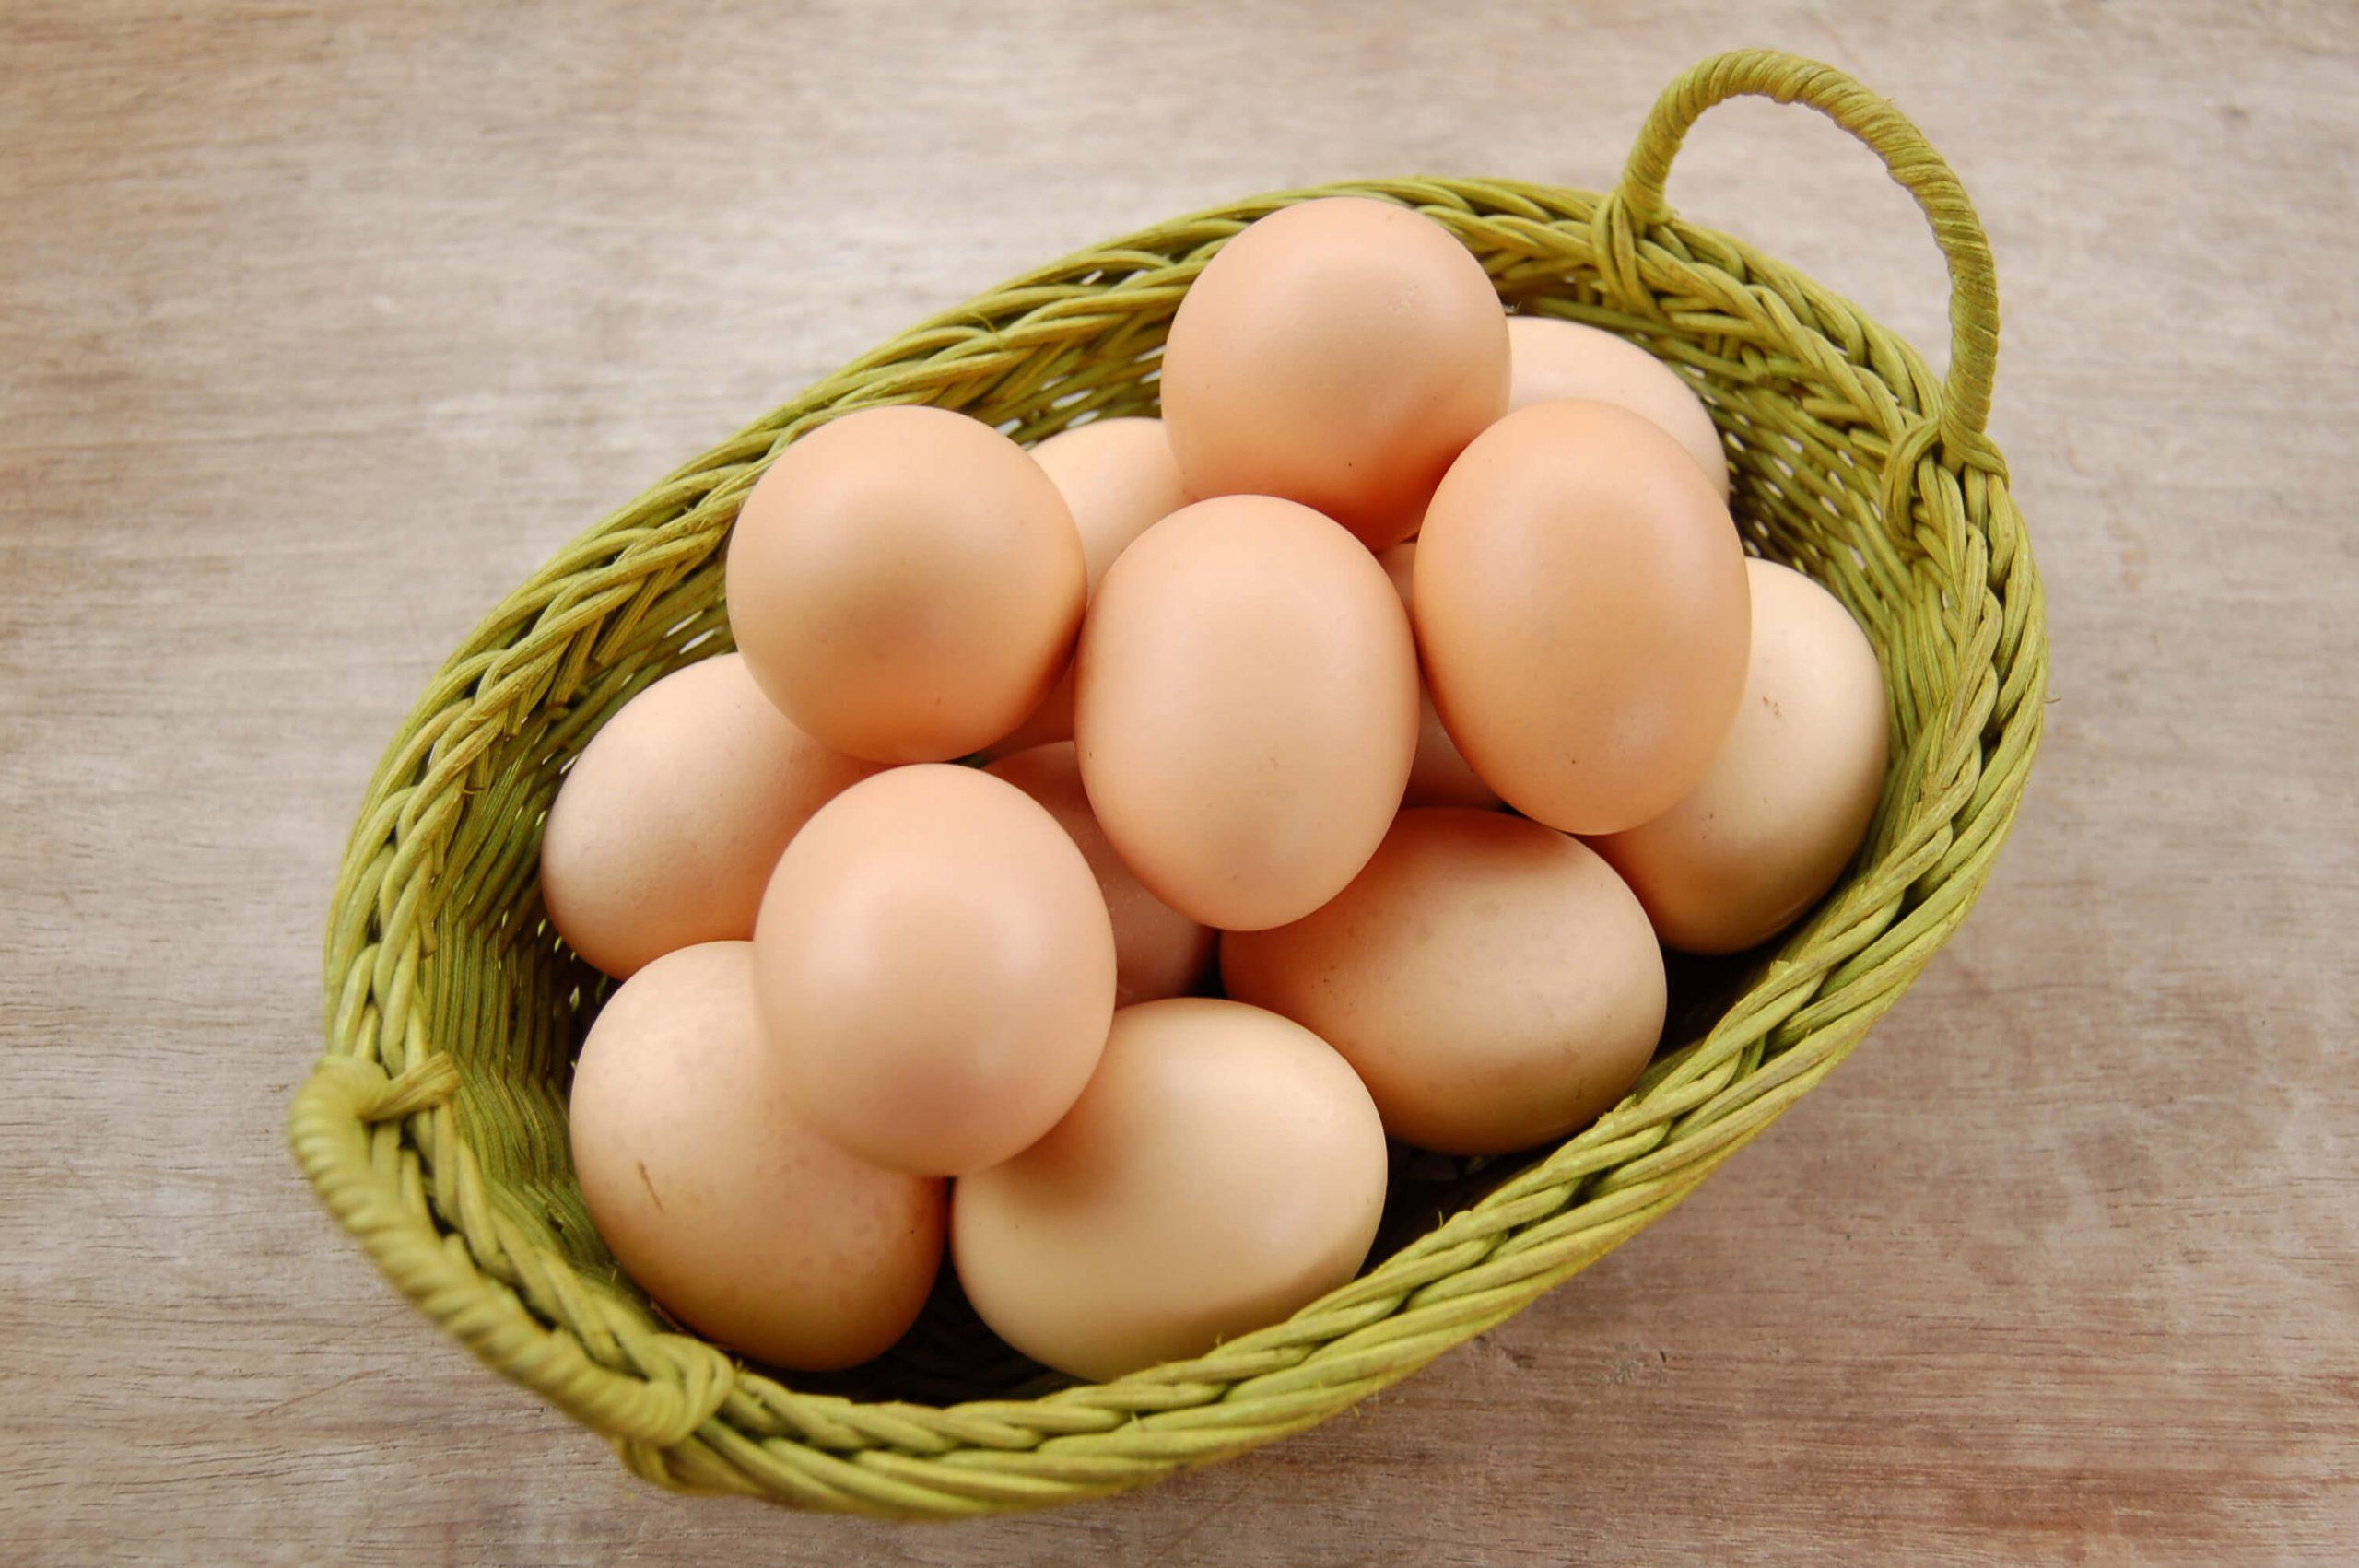 Uống trứng gà sống có tác dụng gì 3